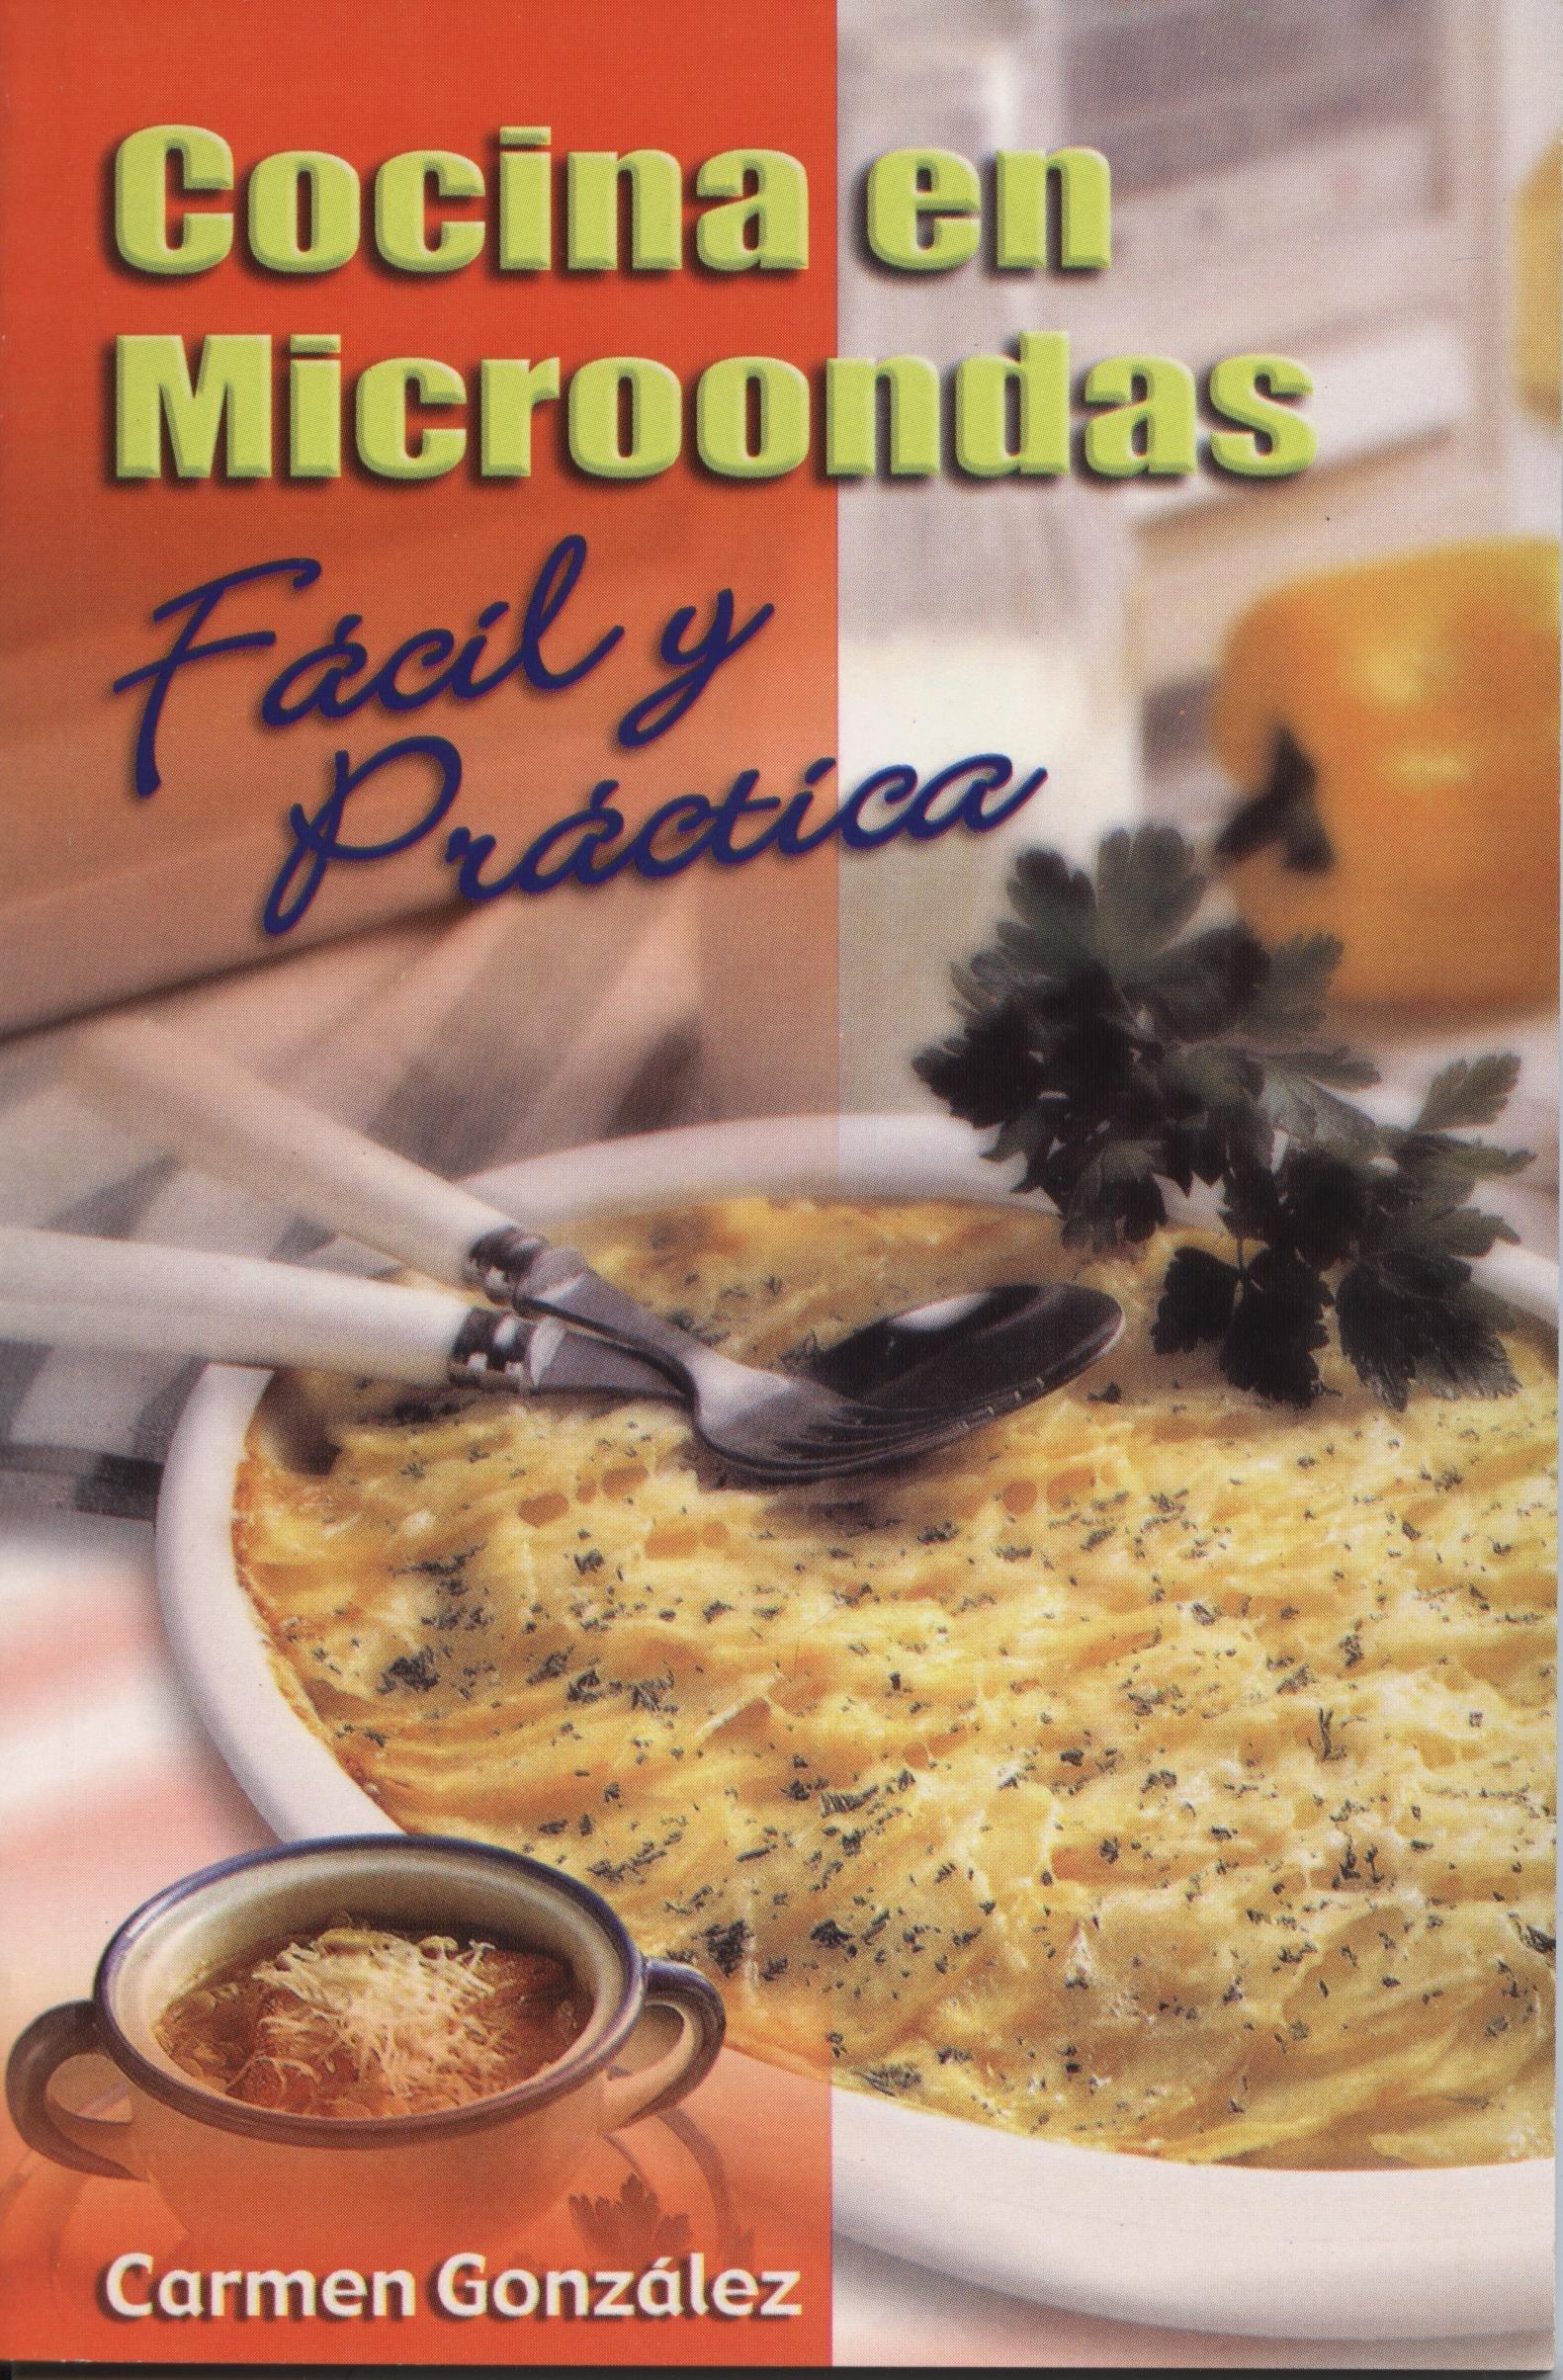 Cocina en microondas fácil y práctica (Spanish Edition ...